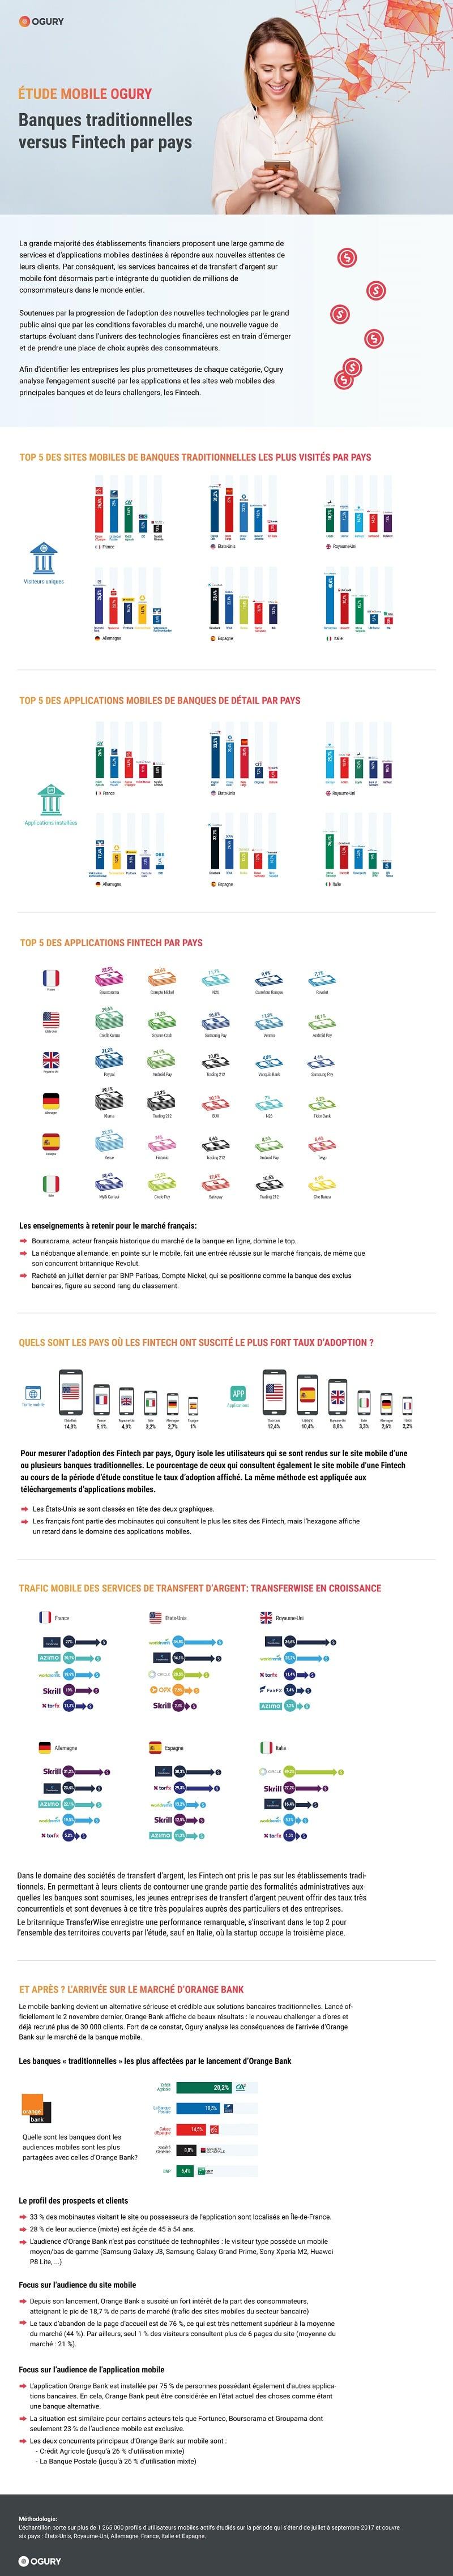 l'adoption de banques en ligne & néobanques sur mobile